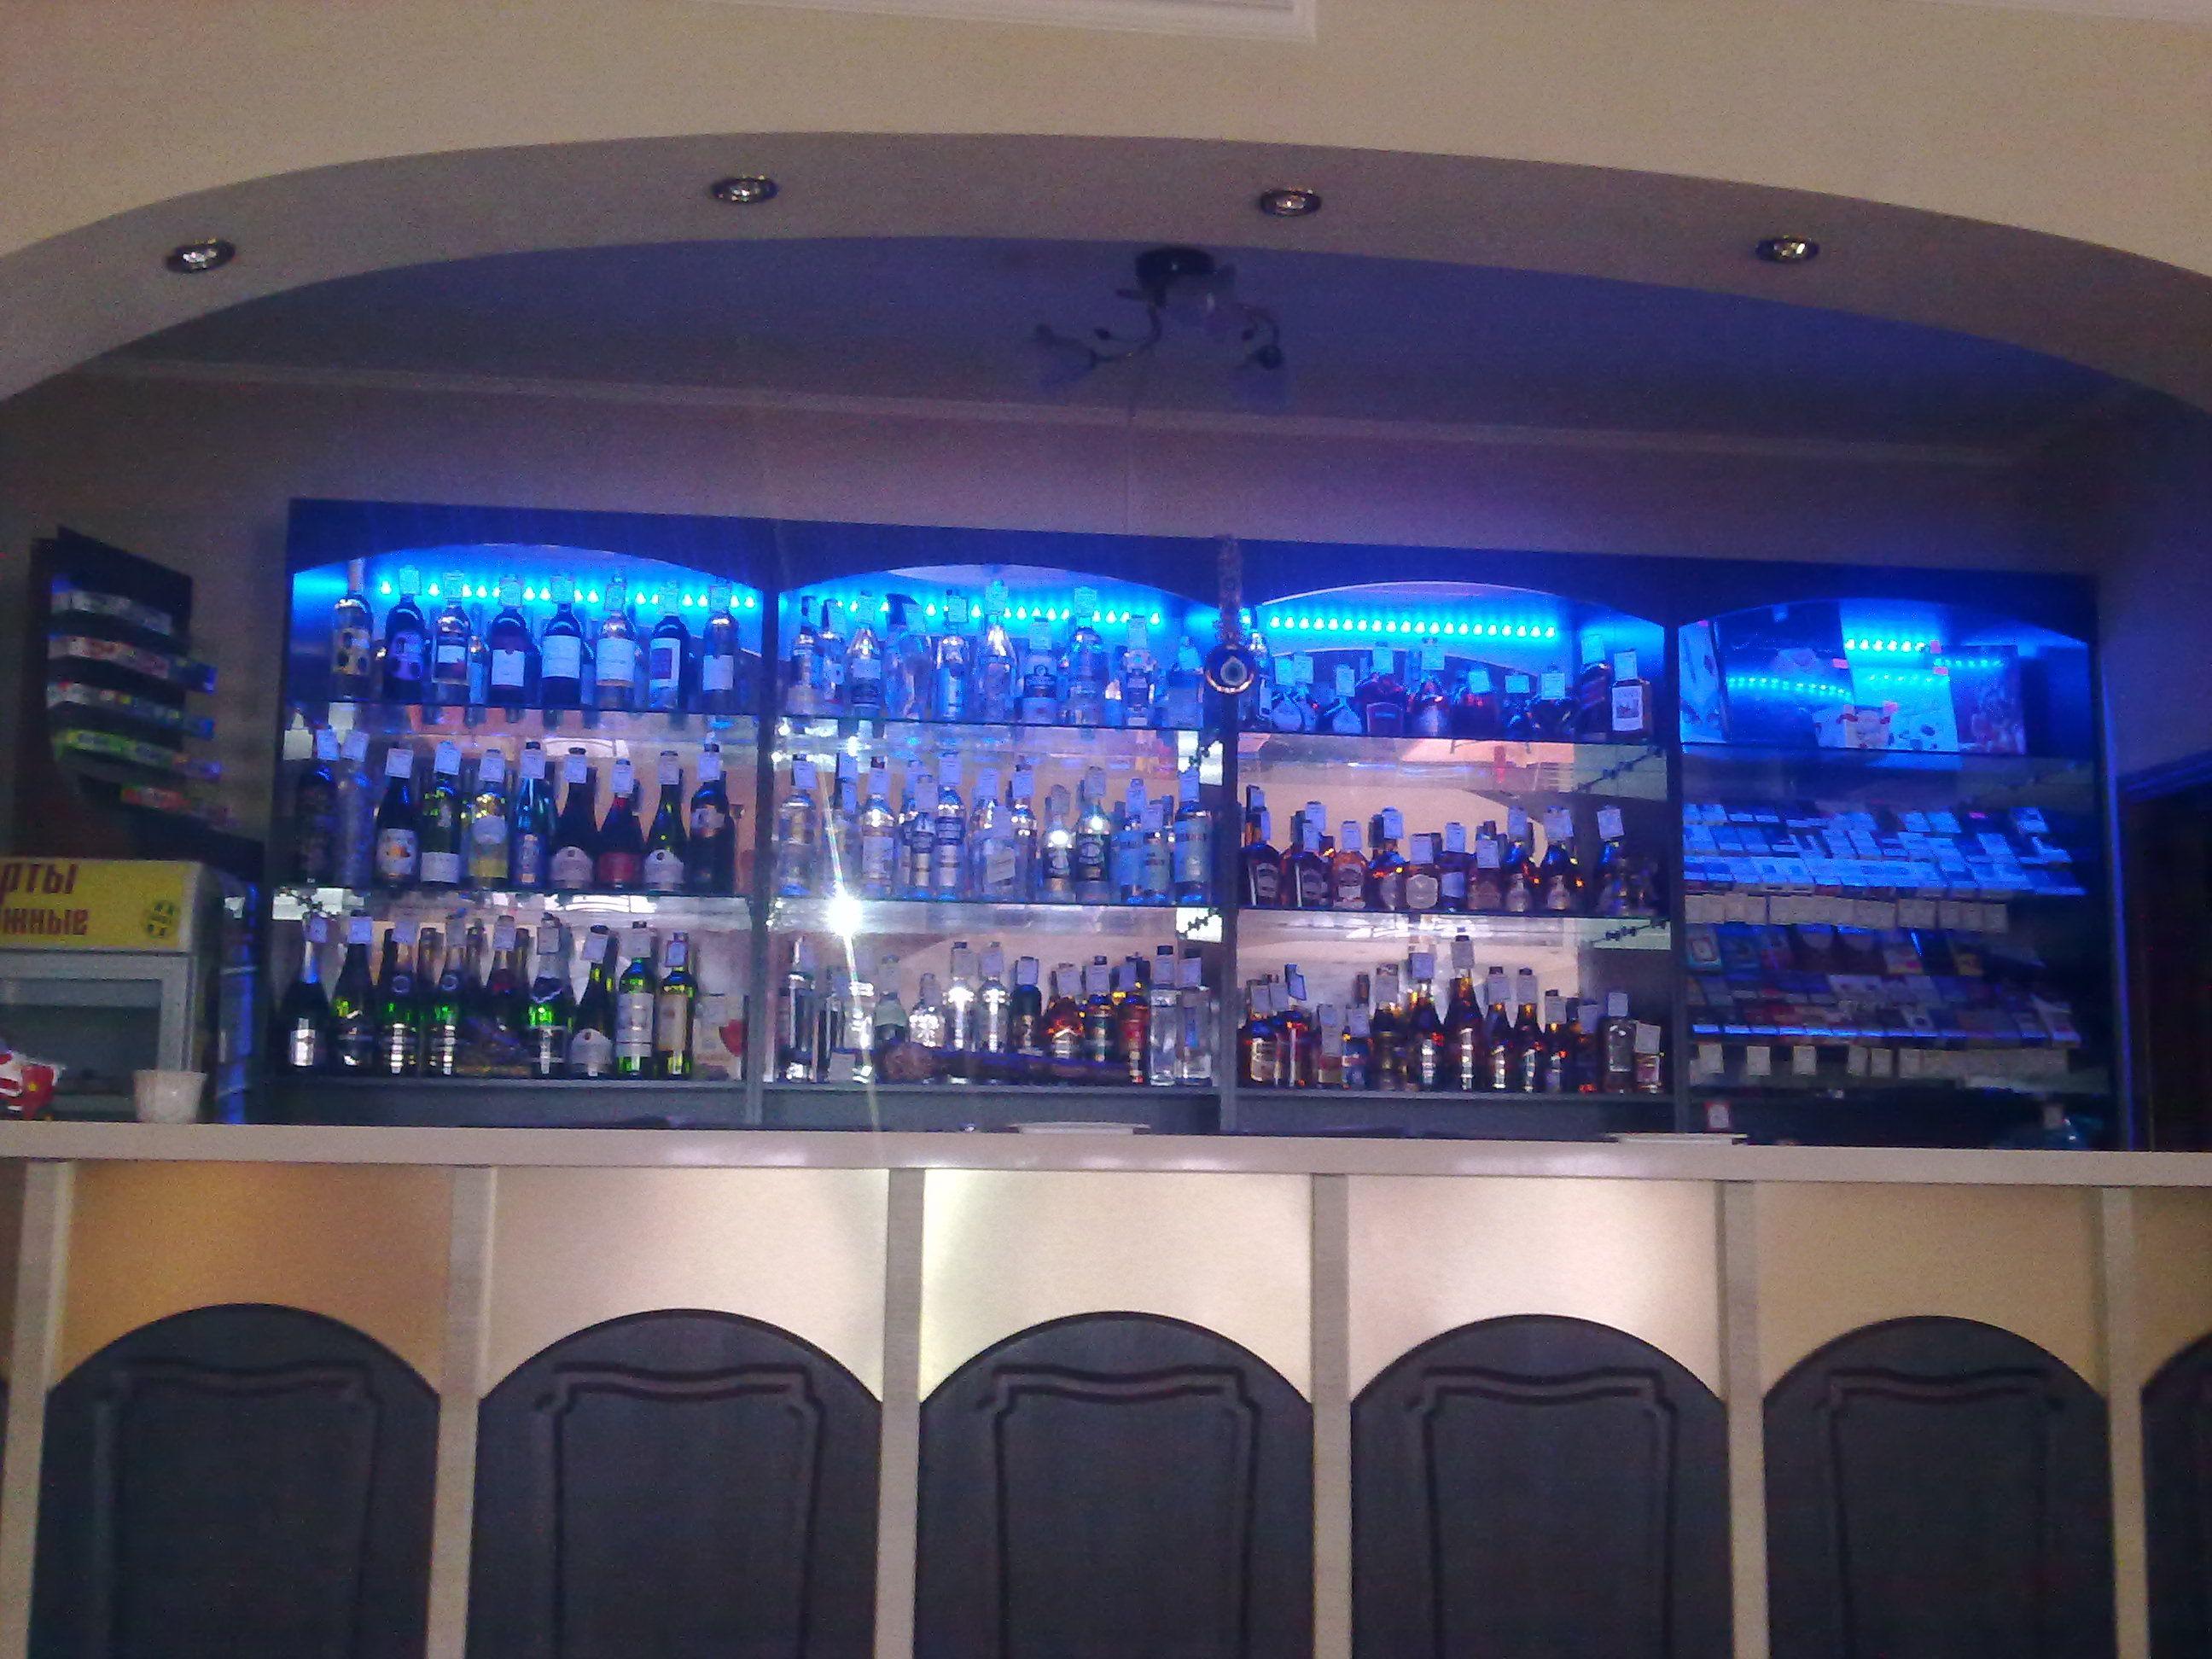 вот бар с подсветкой фото так один производителей